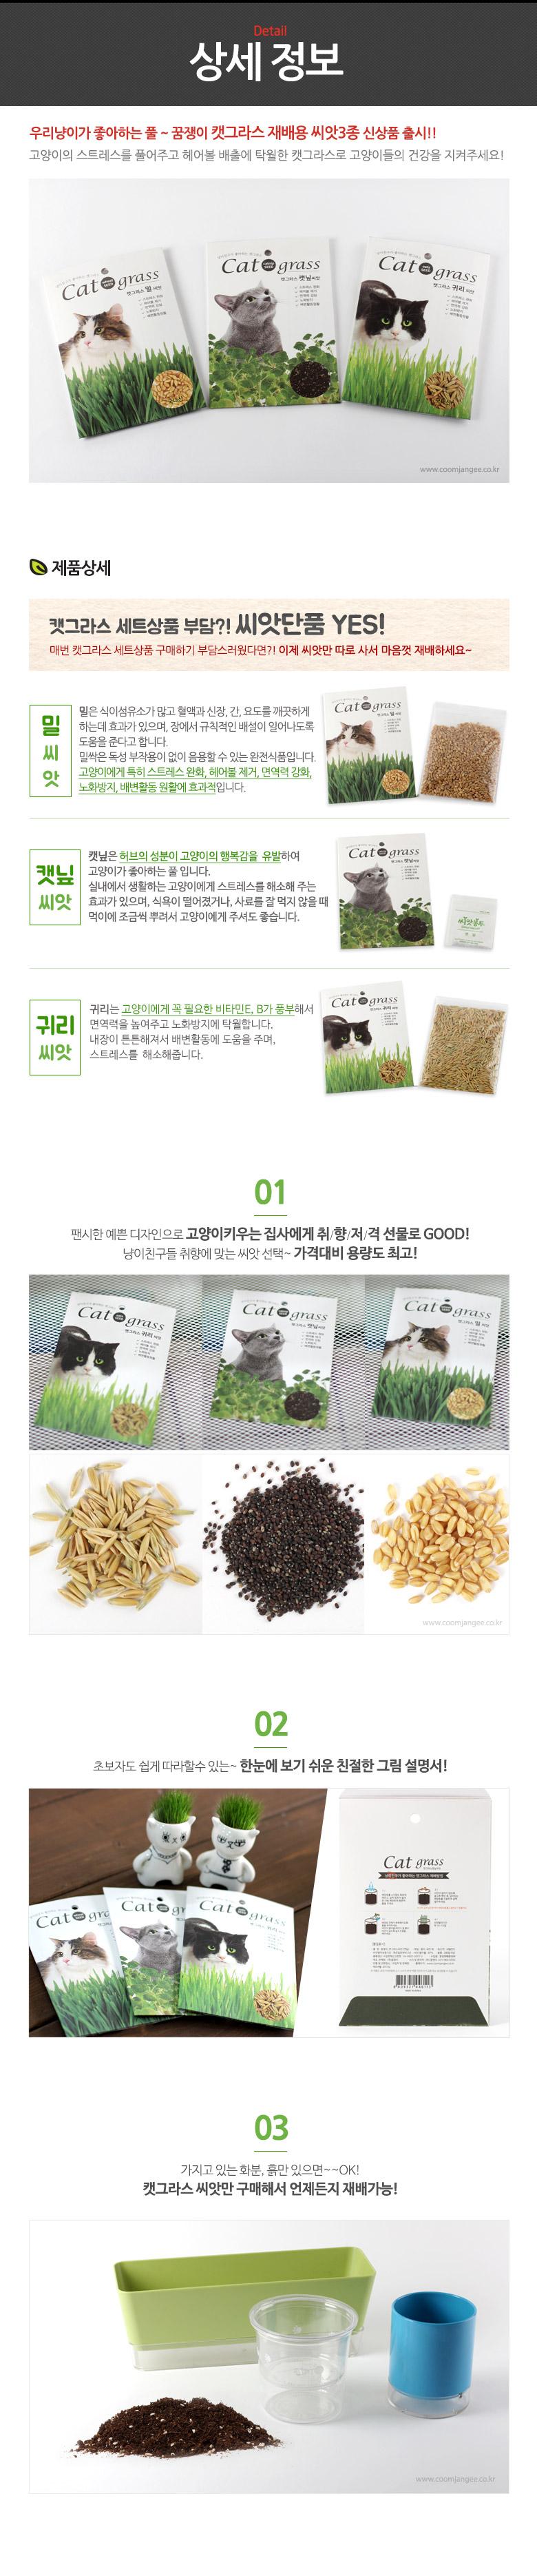 캣그라스 씨앗2,000원-꿈쟁이플라워캔펫샵, 고양이용품, 간식/캣닢, 캣닢바보사랑캣그라스 씨앗2,000원-꿈쟁이플라워캔펫샵, 고양이용품, 간식/캣닢, 캣닢바보사랑